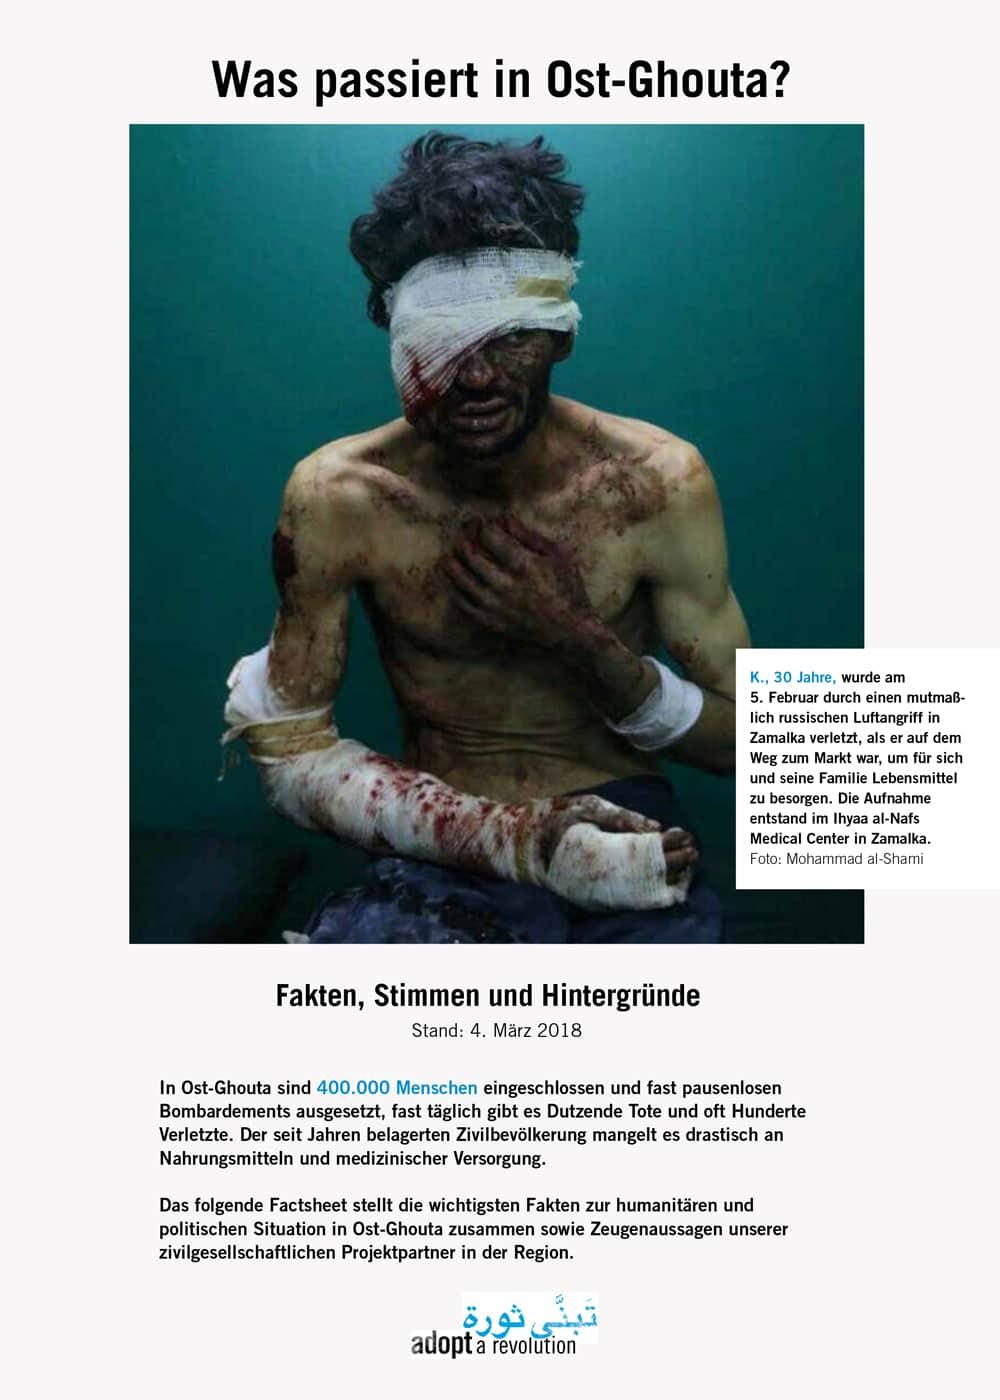 K., 30 Jahre, wurde am 5. Februar 2018 durch einen mutmaßlich russischen Luftangriff verletzt, als er auf dem Weg zum Markt war, um für sich und seine Familie Lebensmittel zu besorgen. Die Aufnahe entstand im Ihyaa al-Nafs Medical Center in Zamalka. Foto: Mohammad al-Shami